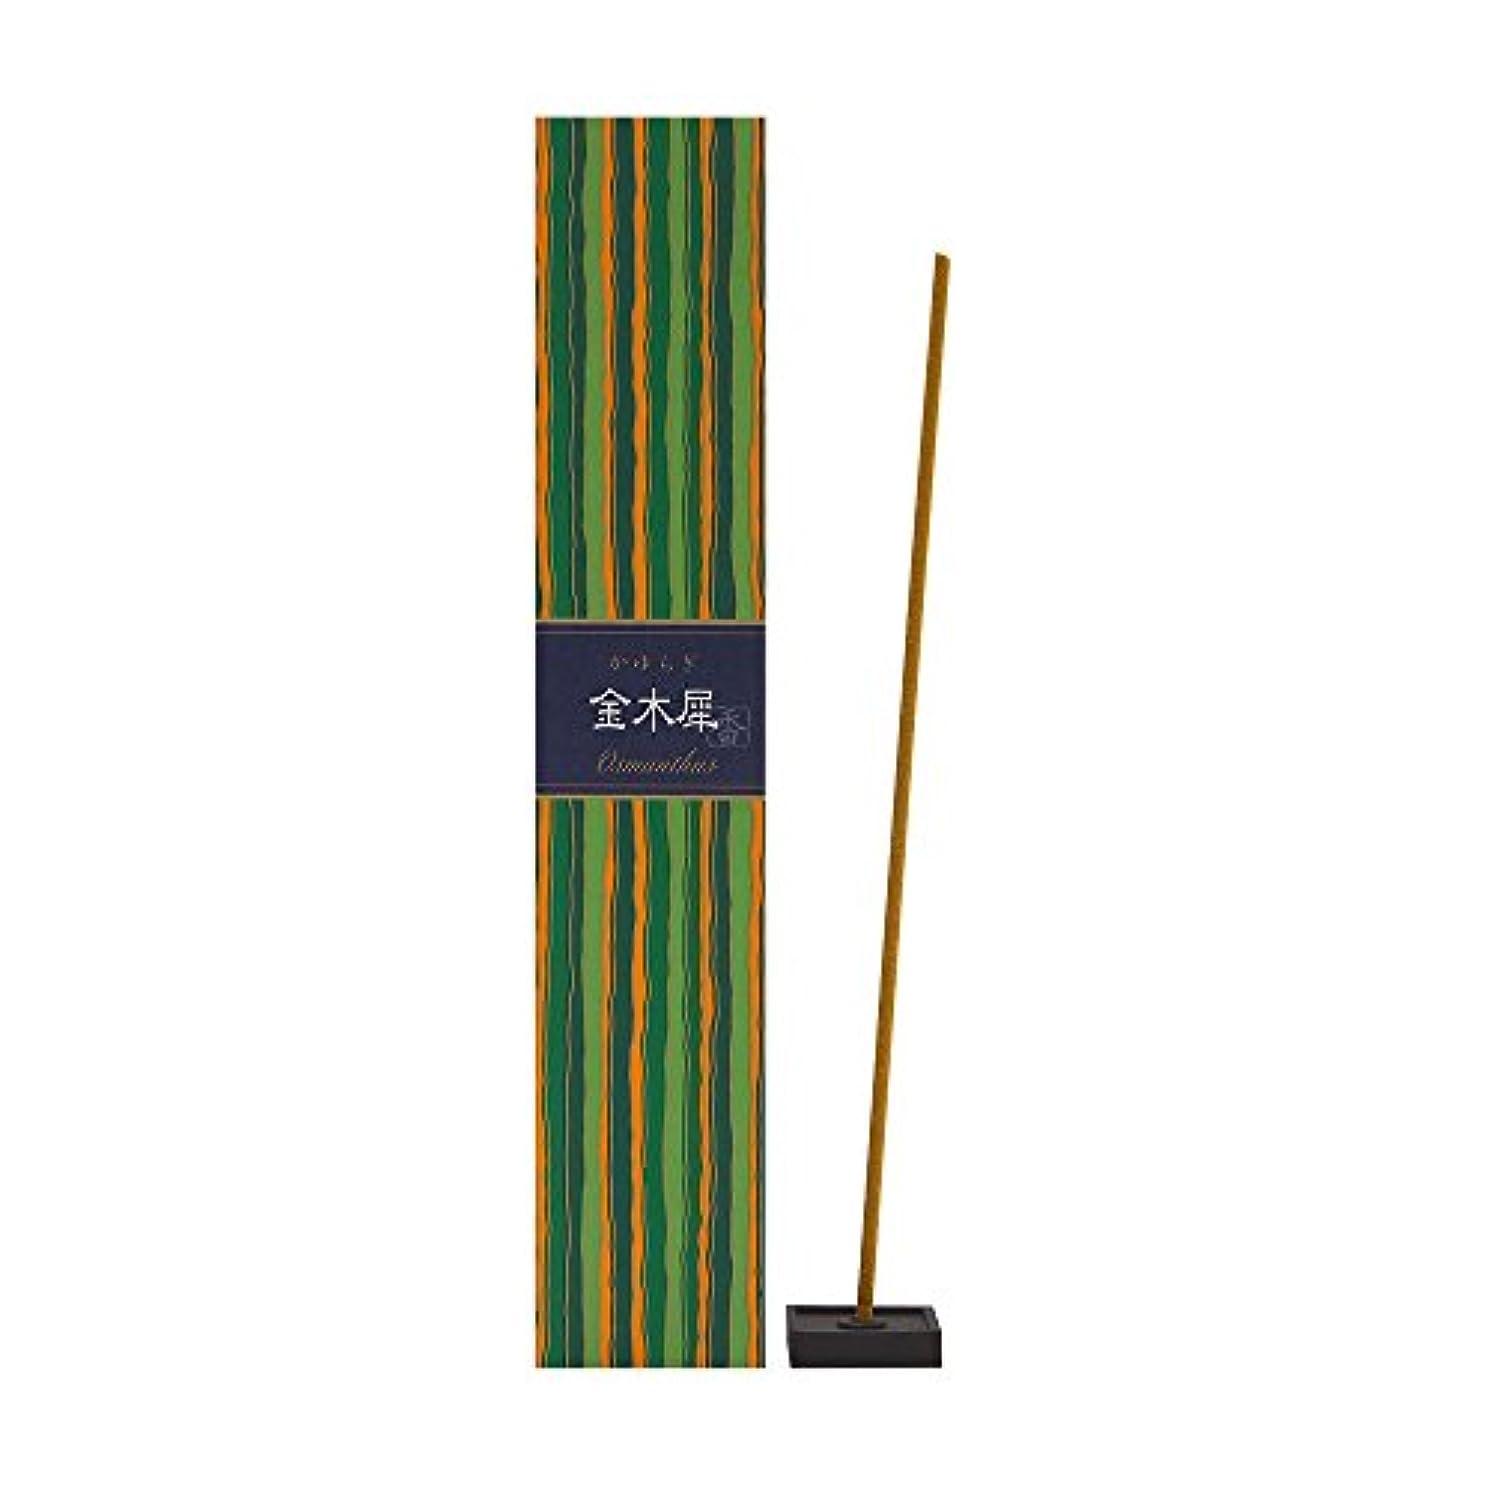 衝撃ステートメント意識的Nippon Kodo – Kayuragi – Osmanthus 40 Sticks 1 38404